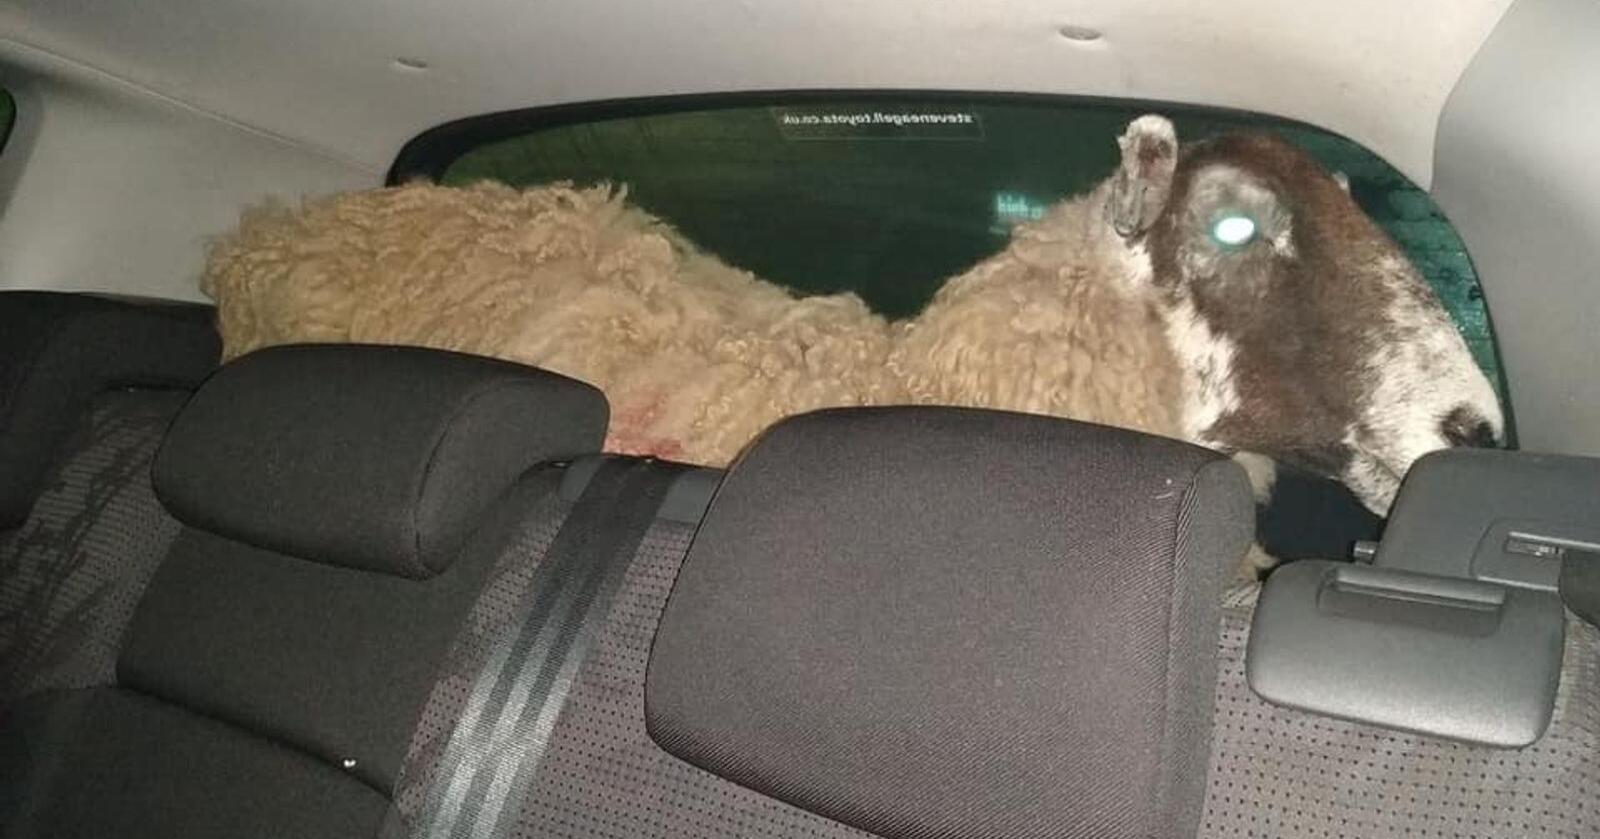 Politiet oppdaget en sau i bagasjerommet da de stoppet en bil i England. Foto: Politiet i Leicestershire og Rutland